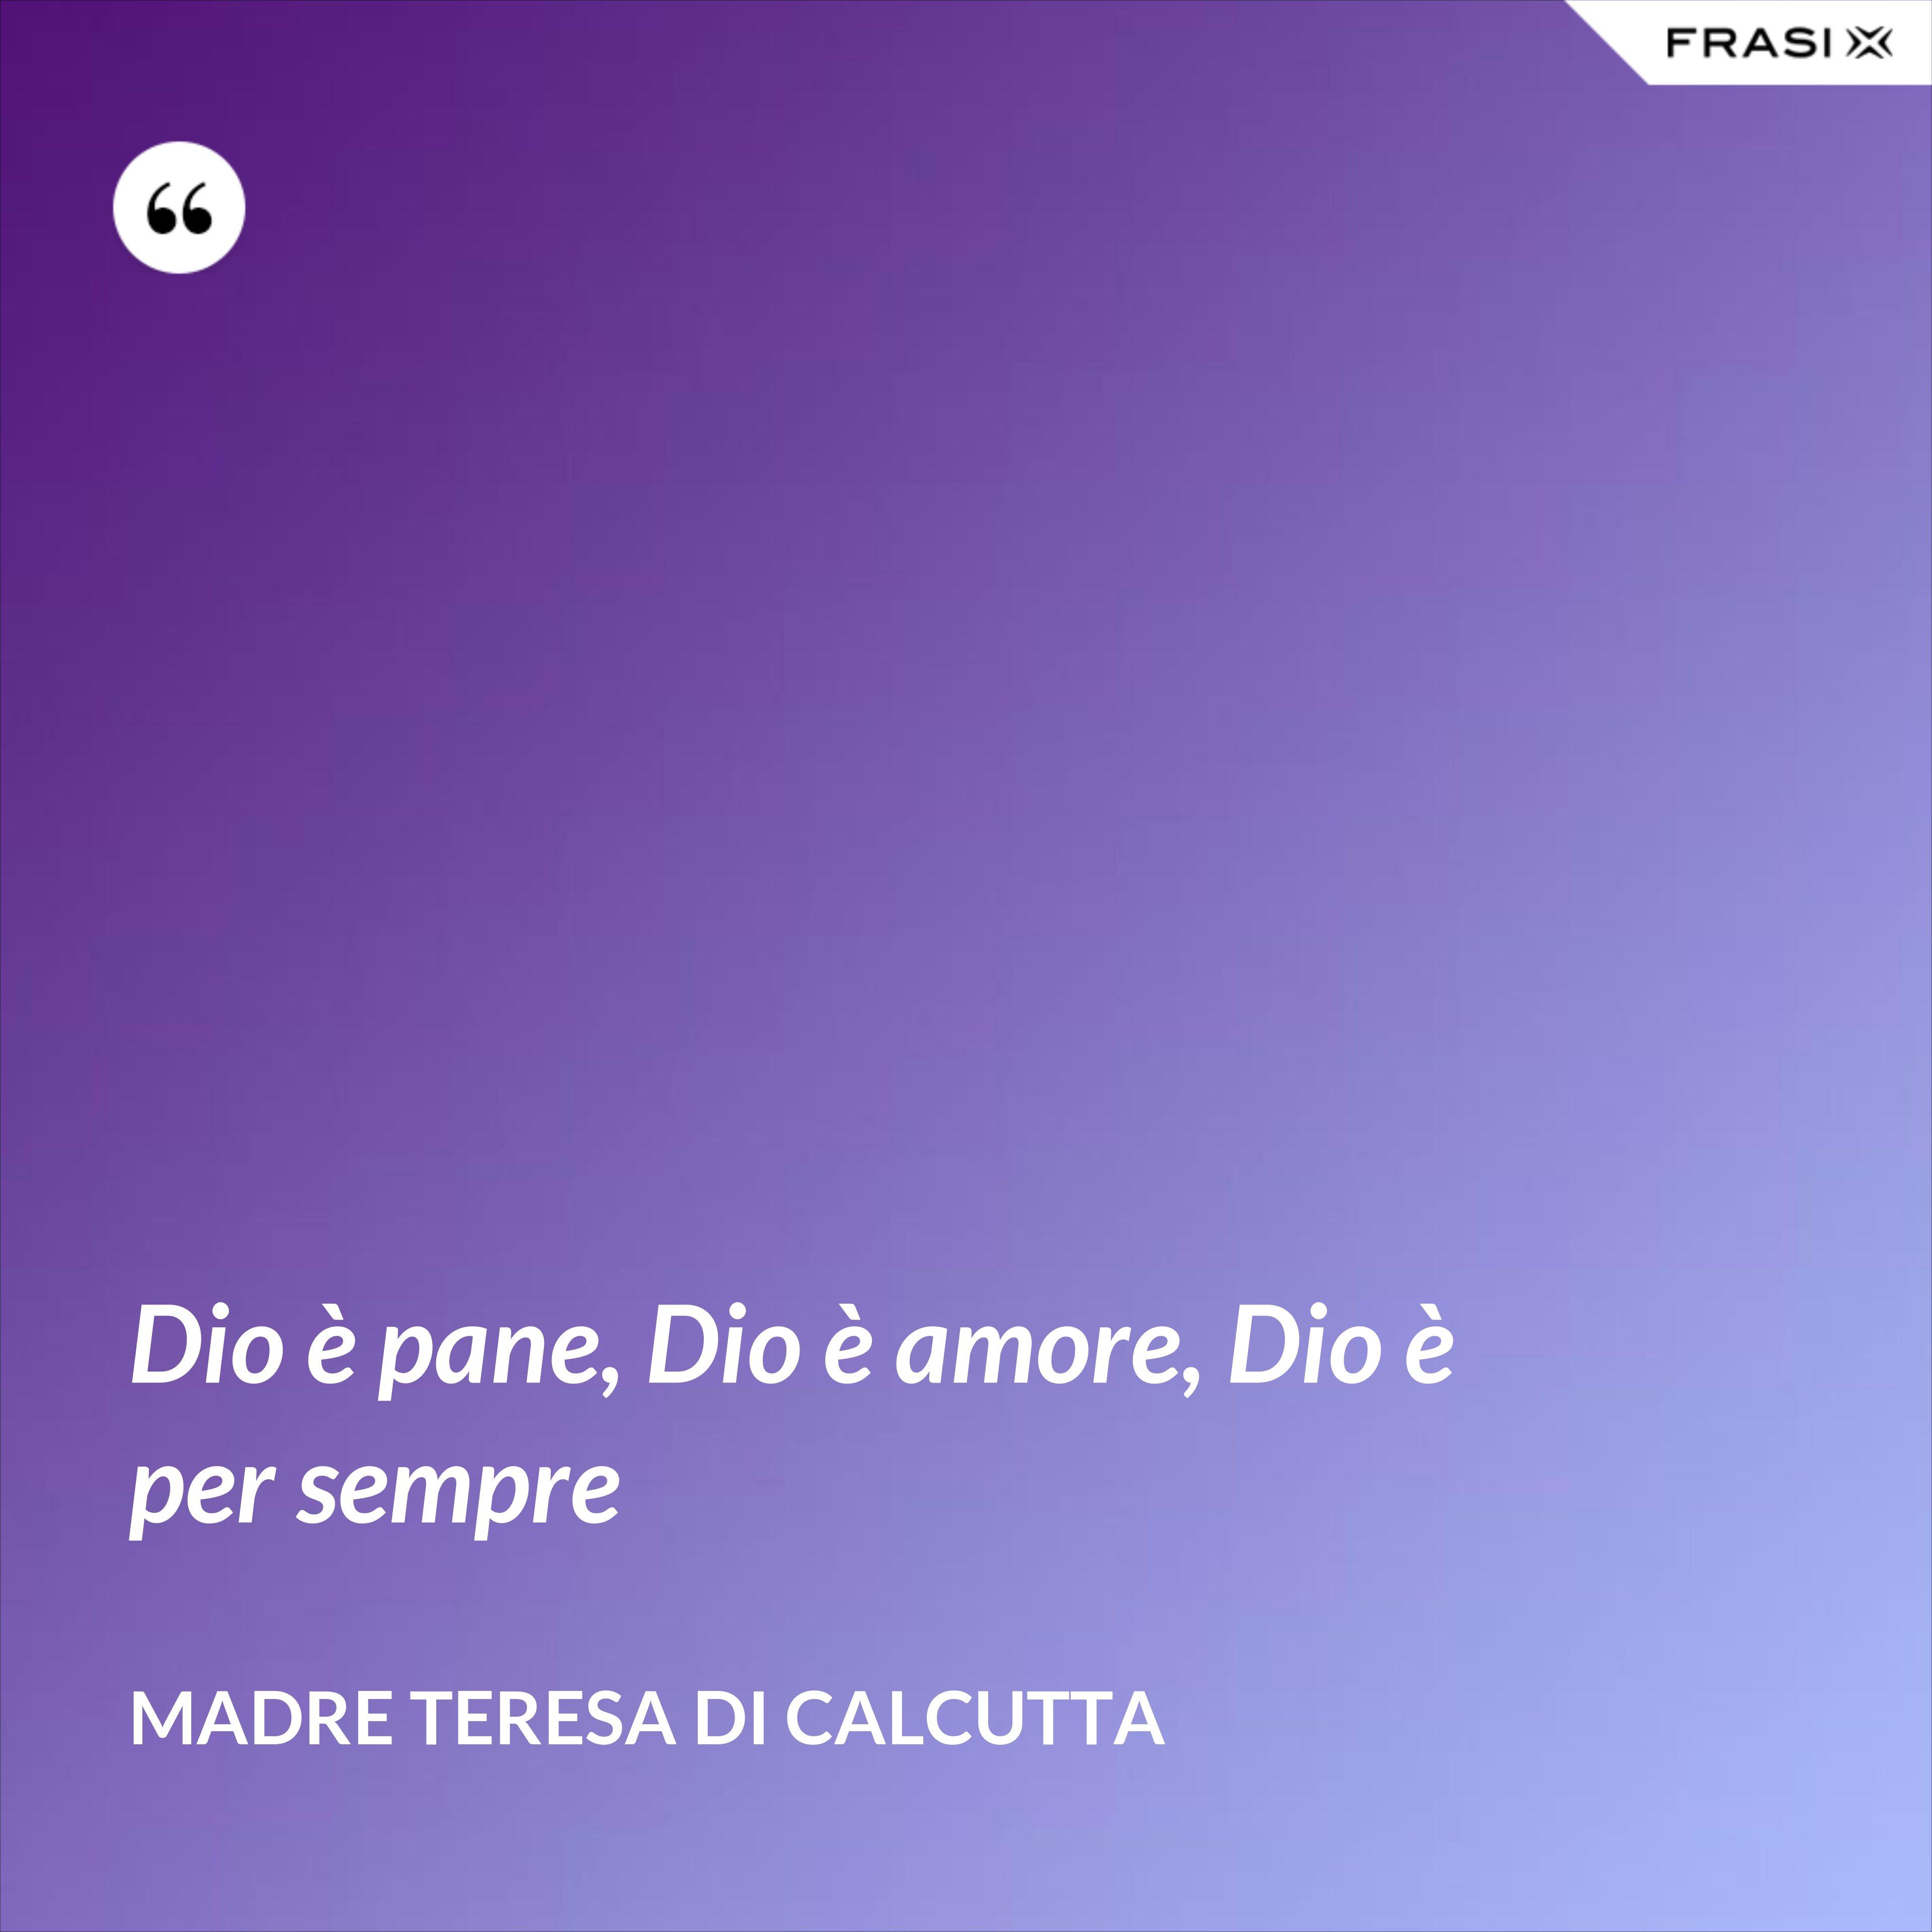 Dio è pane, Dio è amore, Dio è per sempre - Madre Teresa Di Calcutta